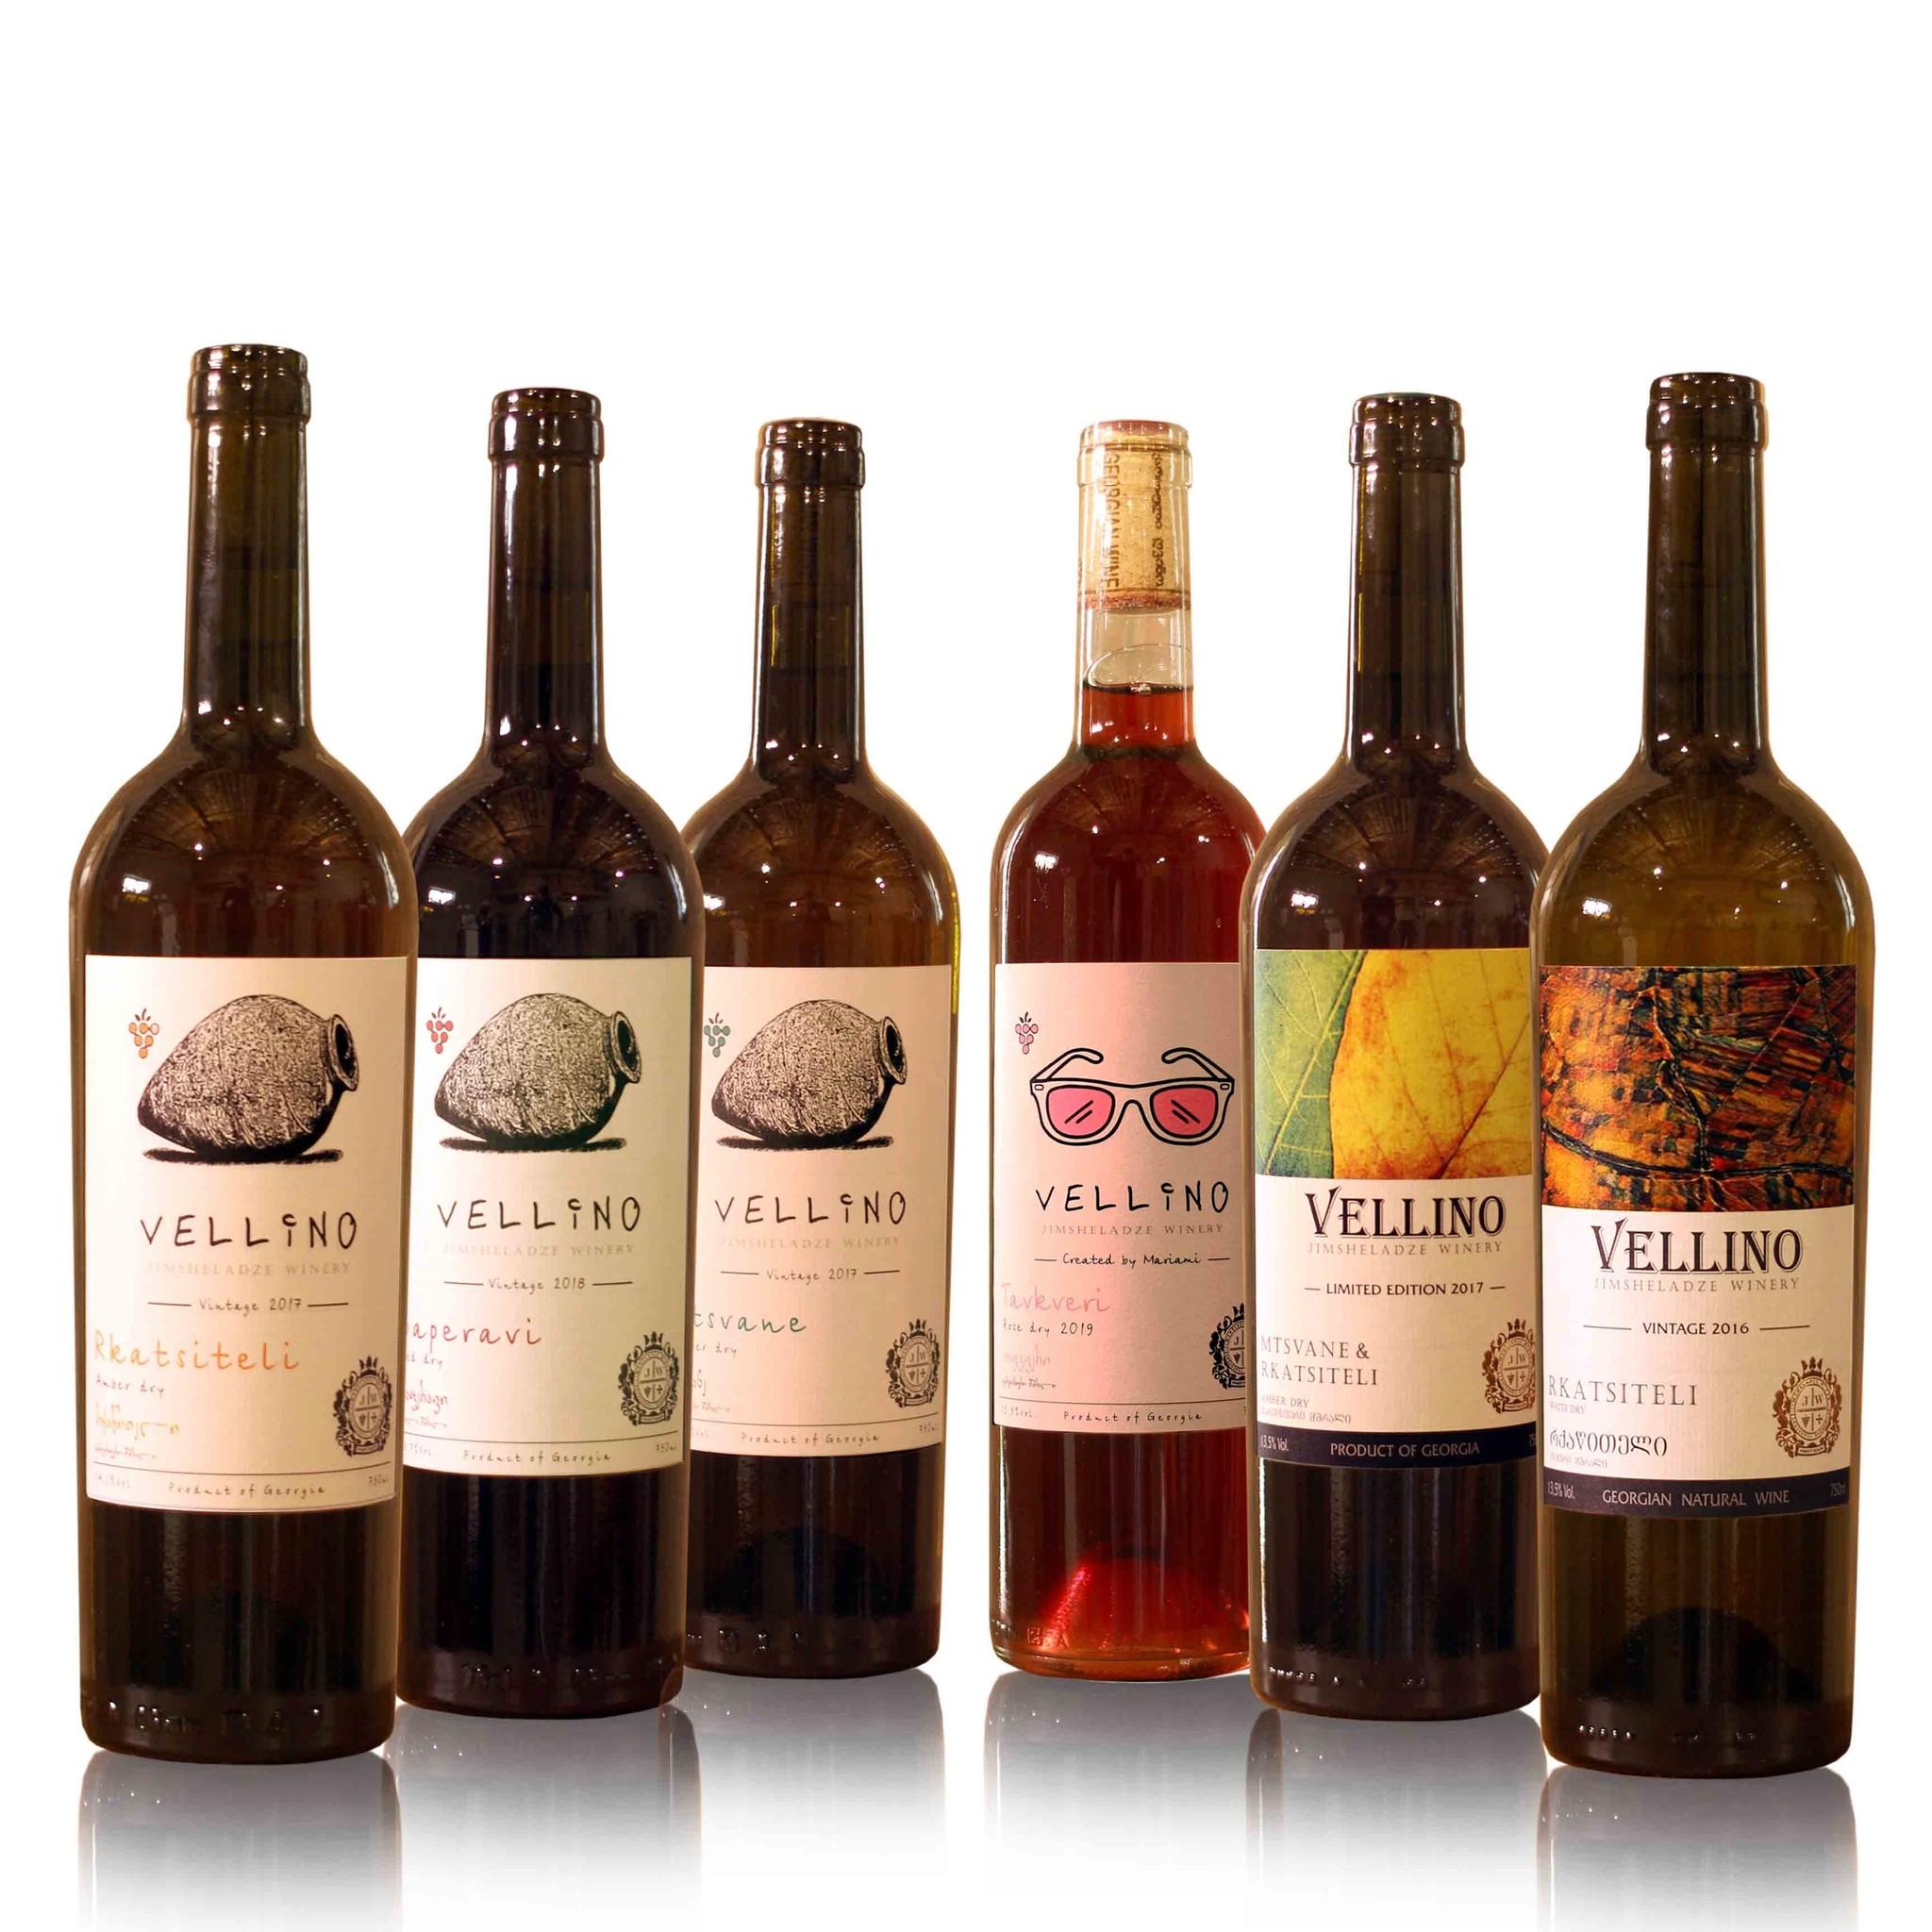 Merk Vellino Vellino wine tasting package